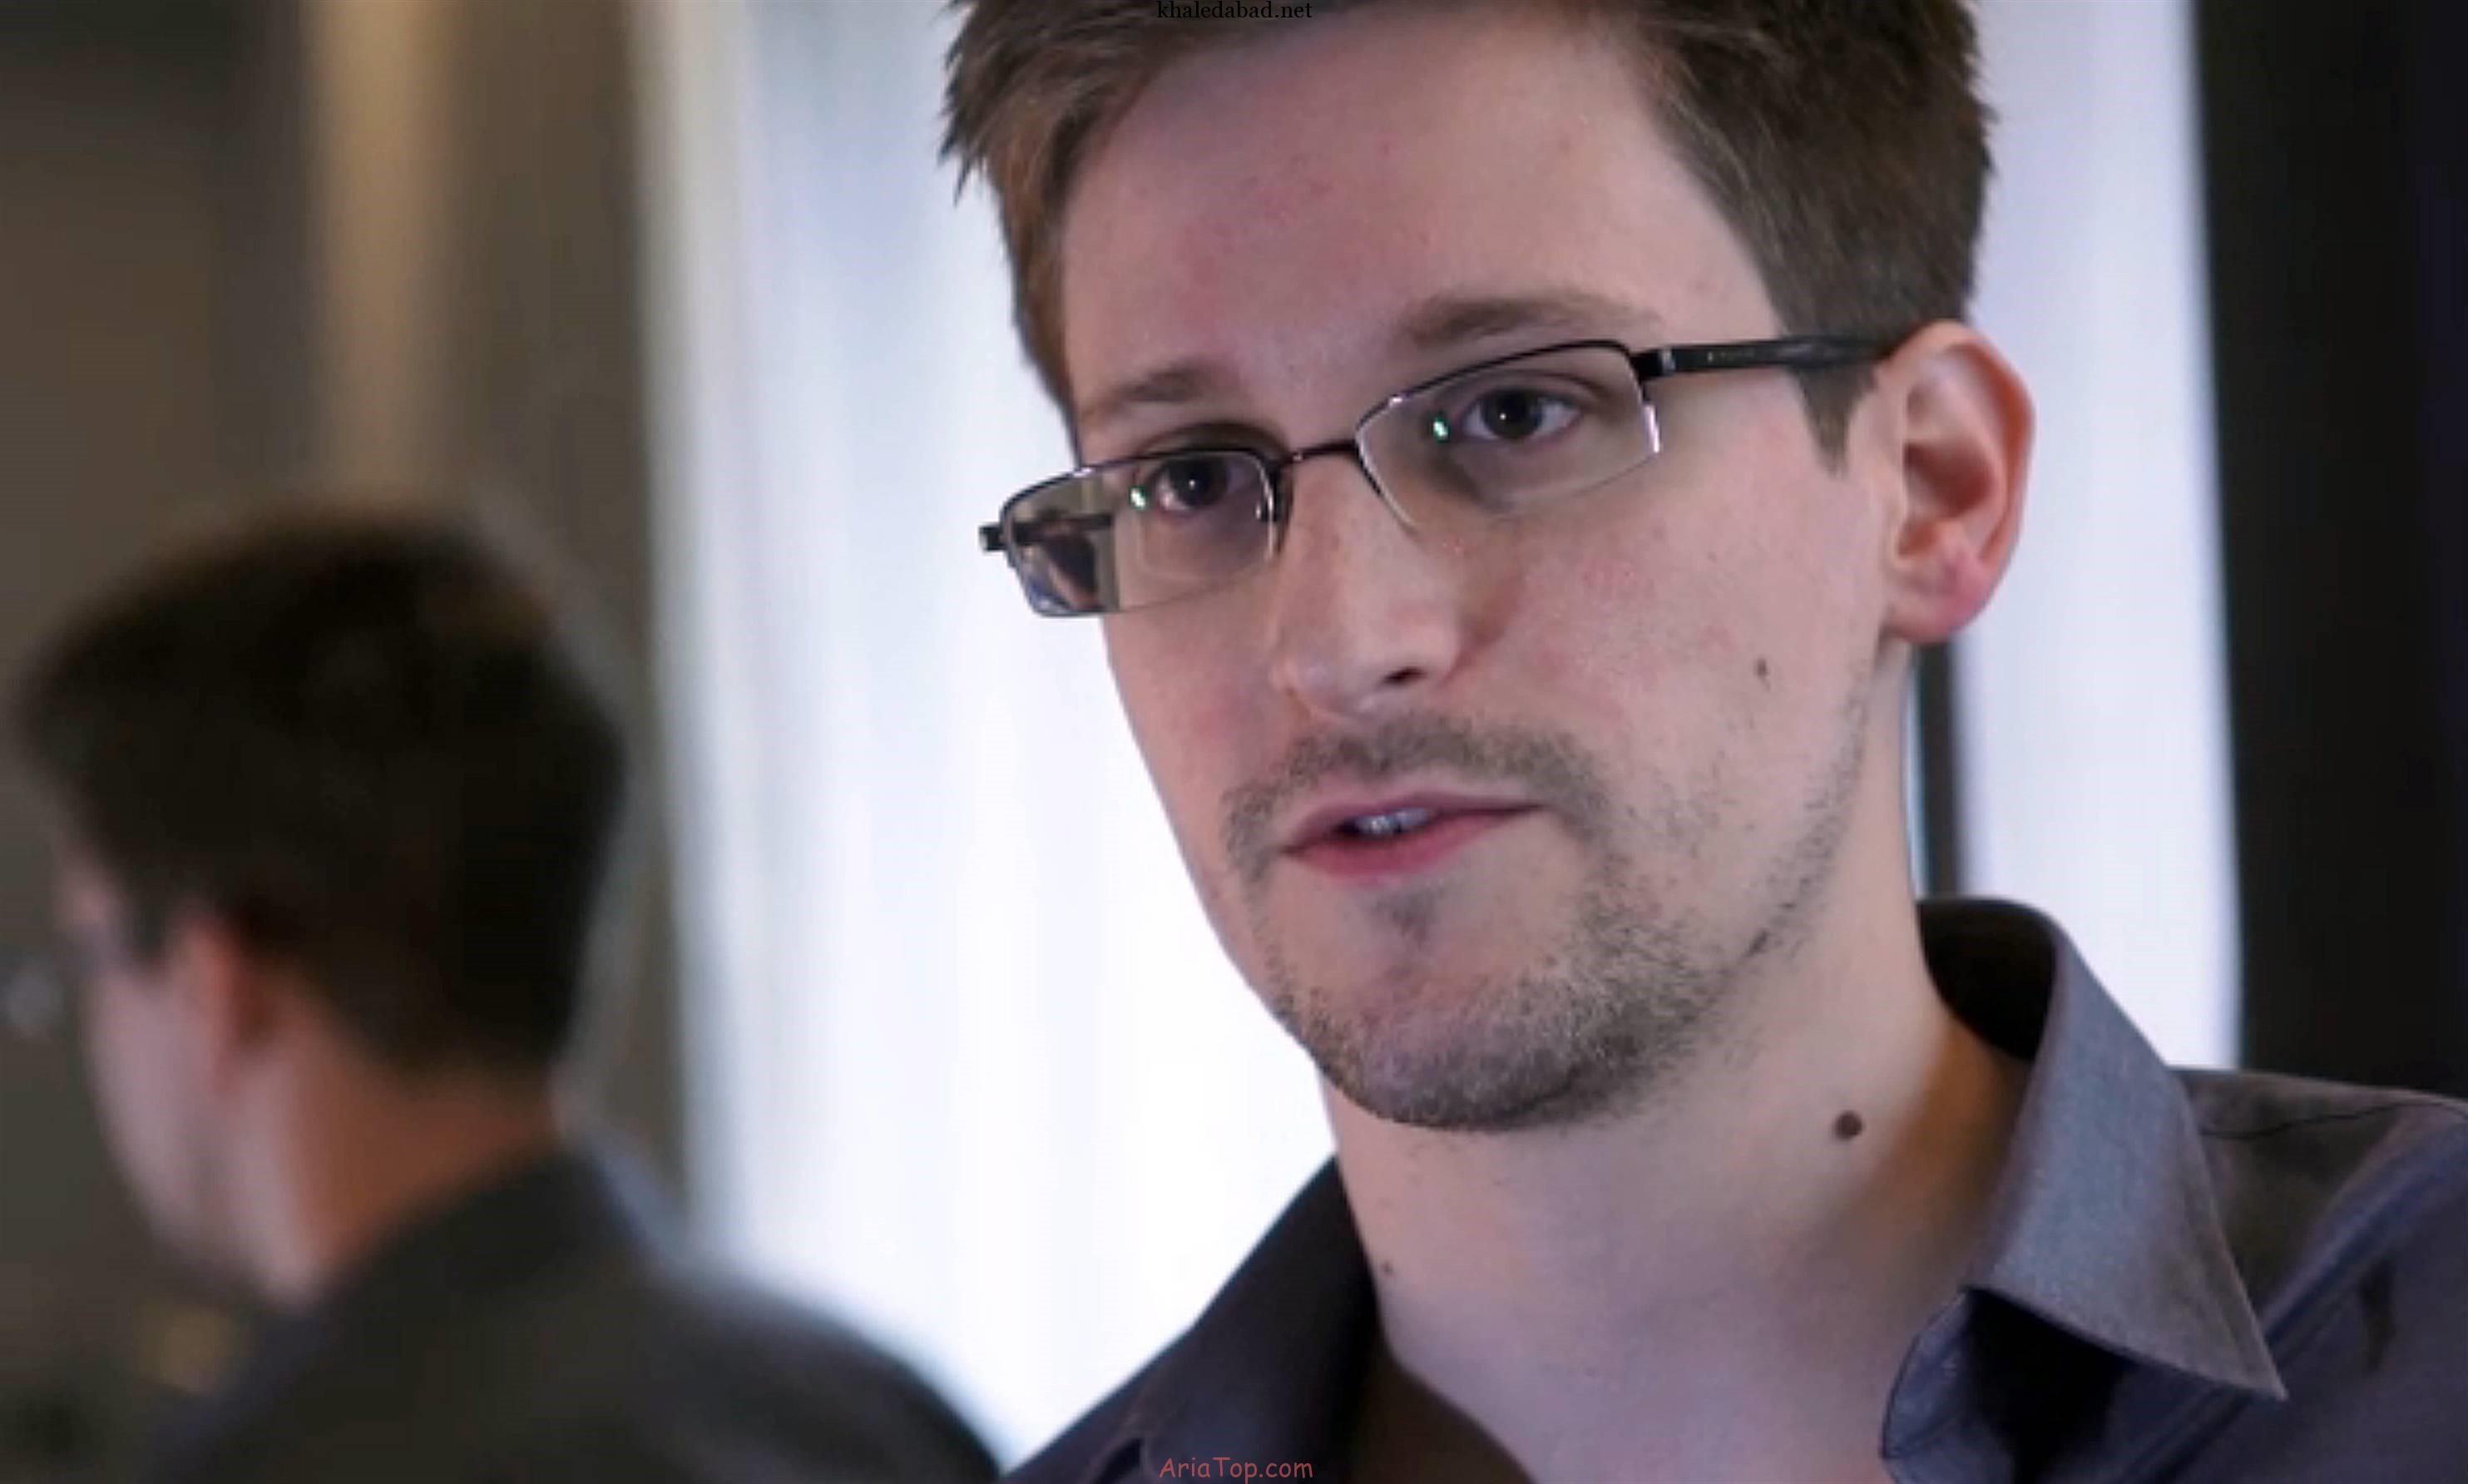 ادوارد اسنودن: از اپلیکیشن پیام رسان ALLO گوگل استفاده نکنید